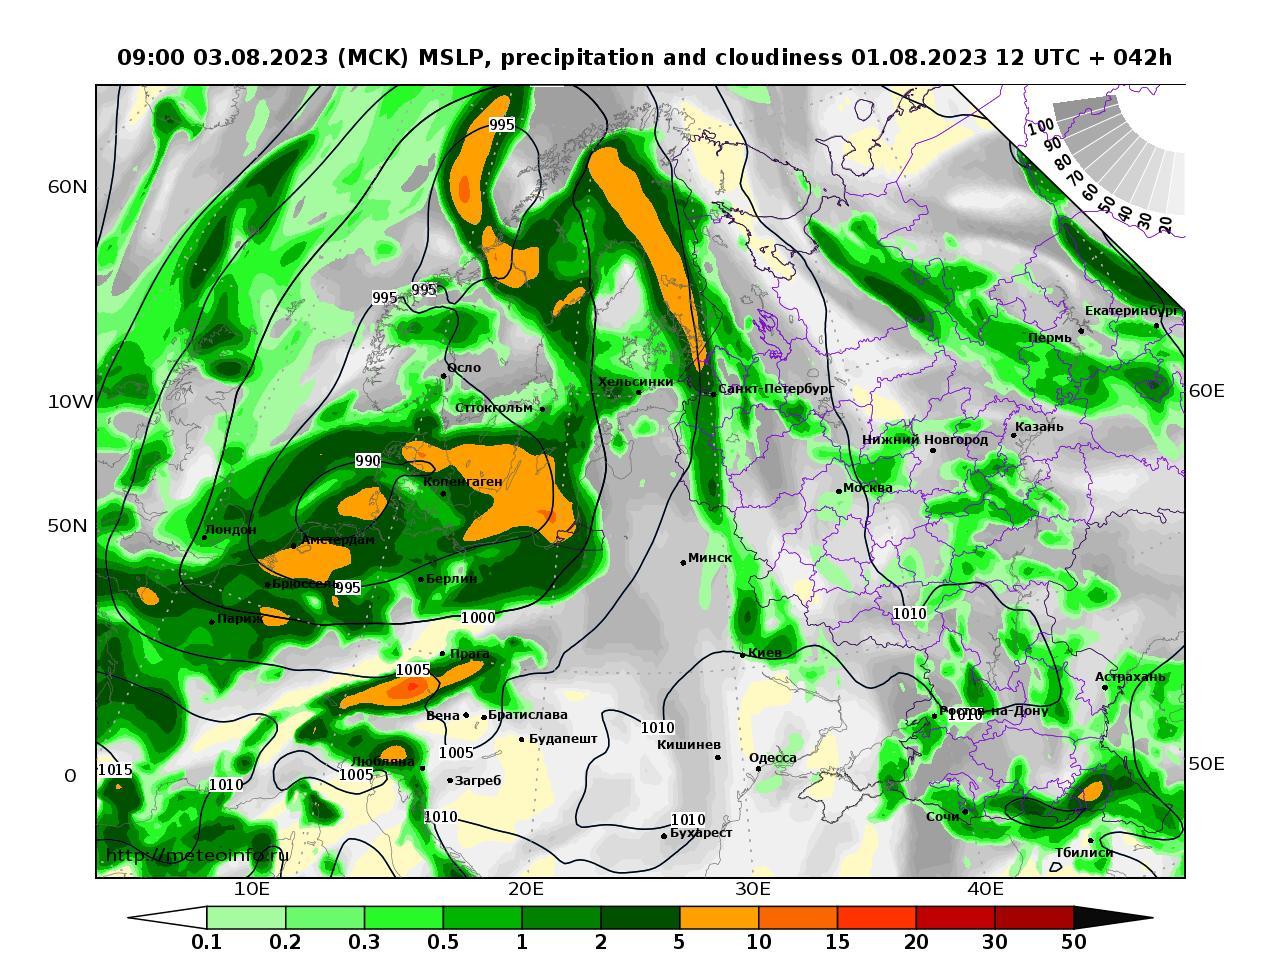 Европейская территория России, прогностическая карта осадки и давление, заблаговременность прогноза 42 часа